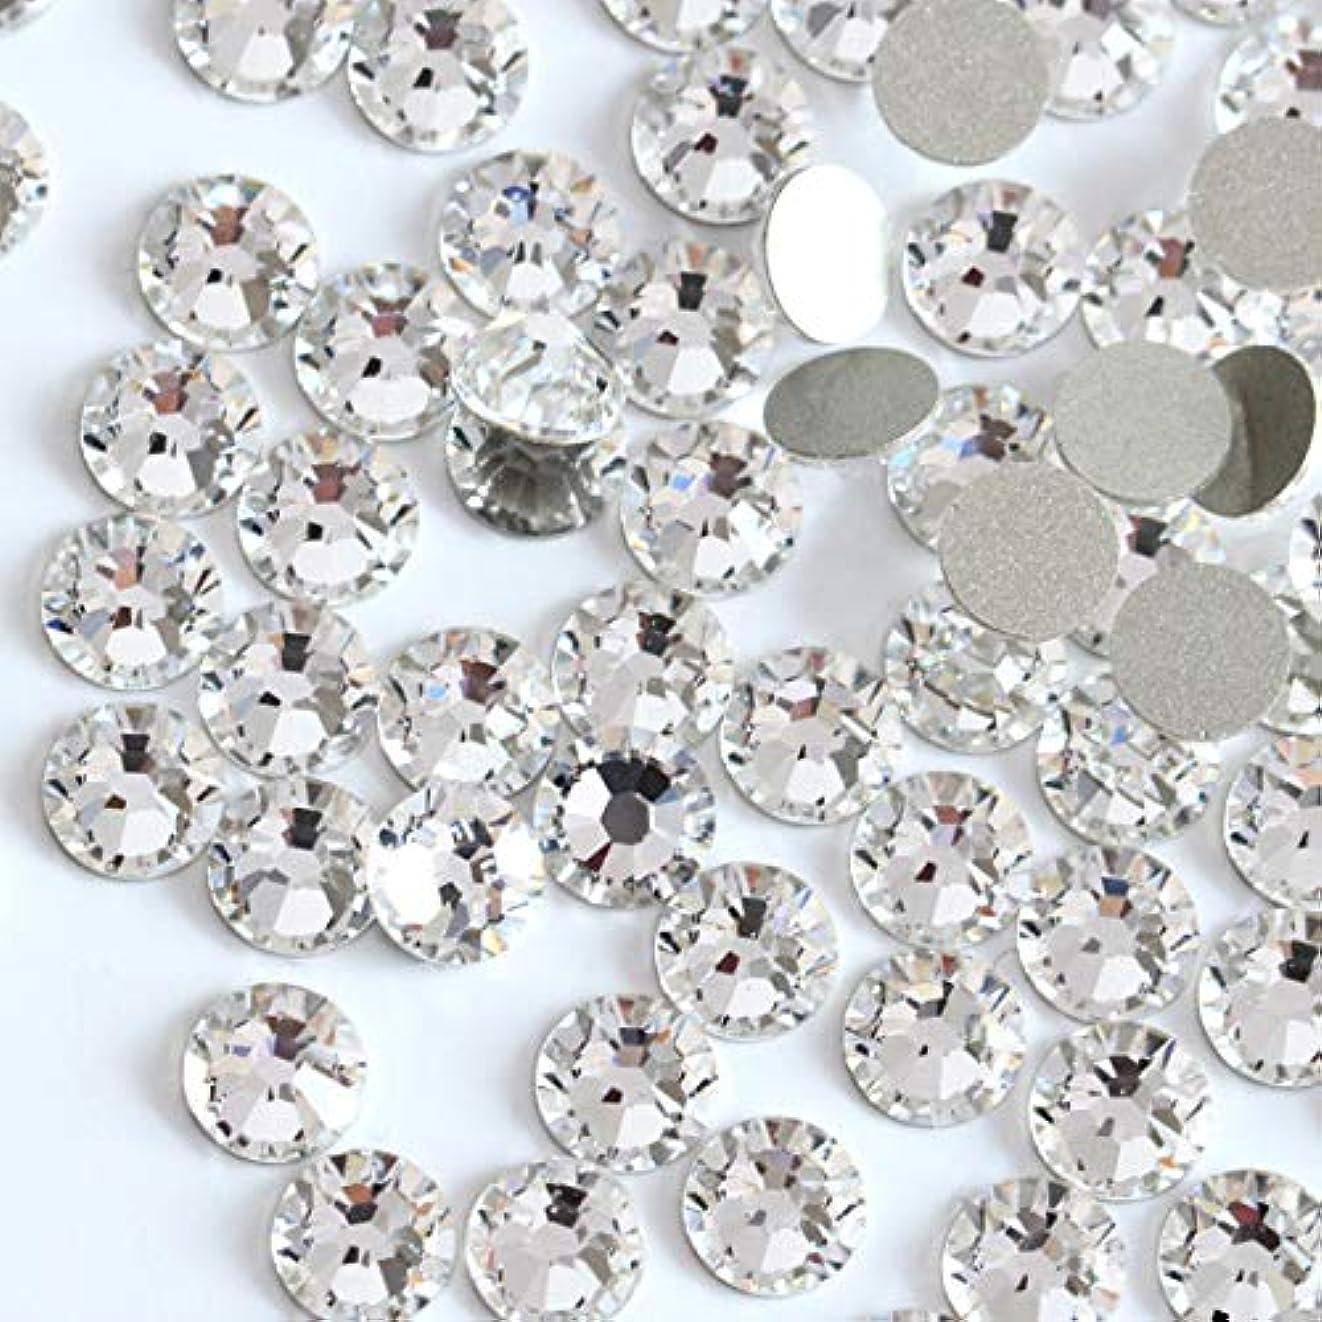 シェードまたね風味【ラインストーン77】高品質ガラス製ラインストーン クリスタル(1.3mm (SS3) 約200粒)